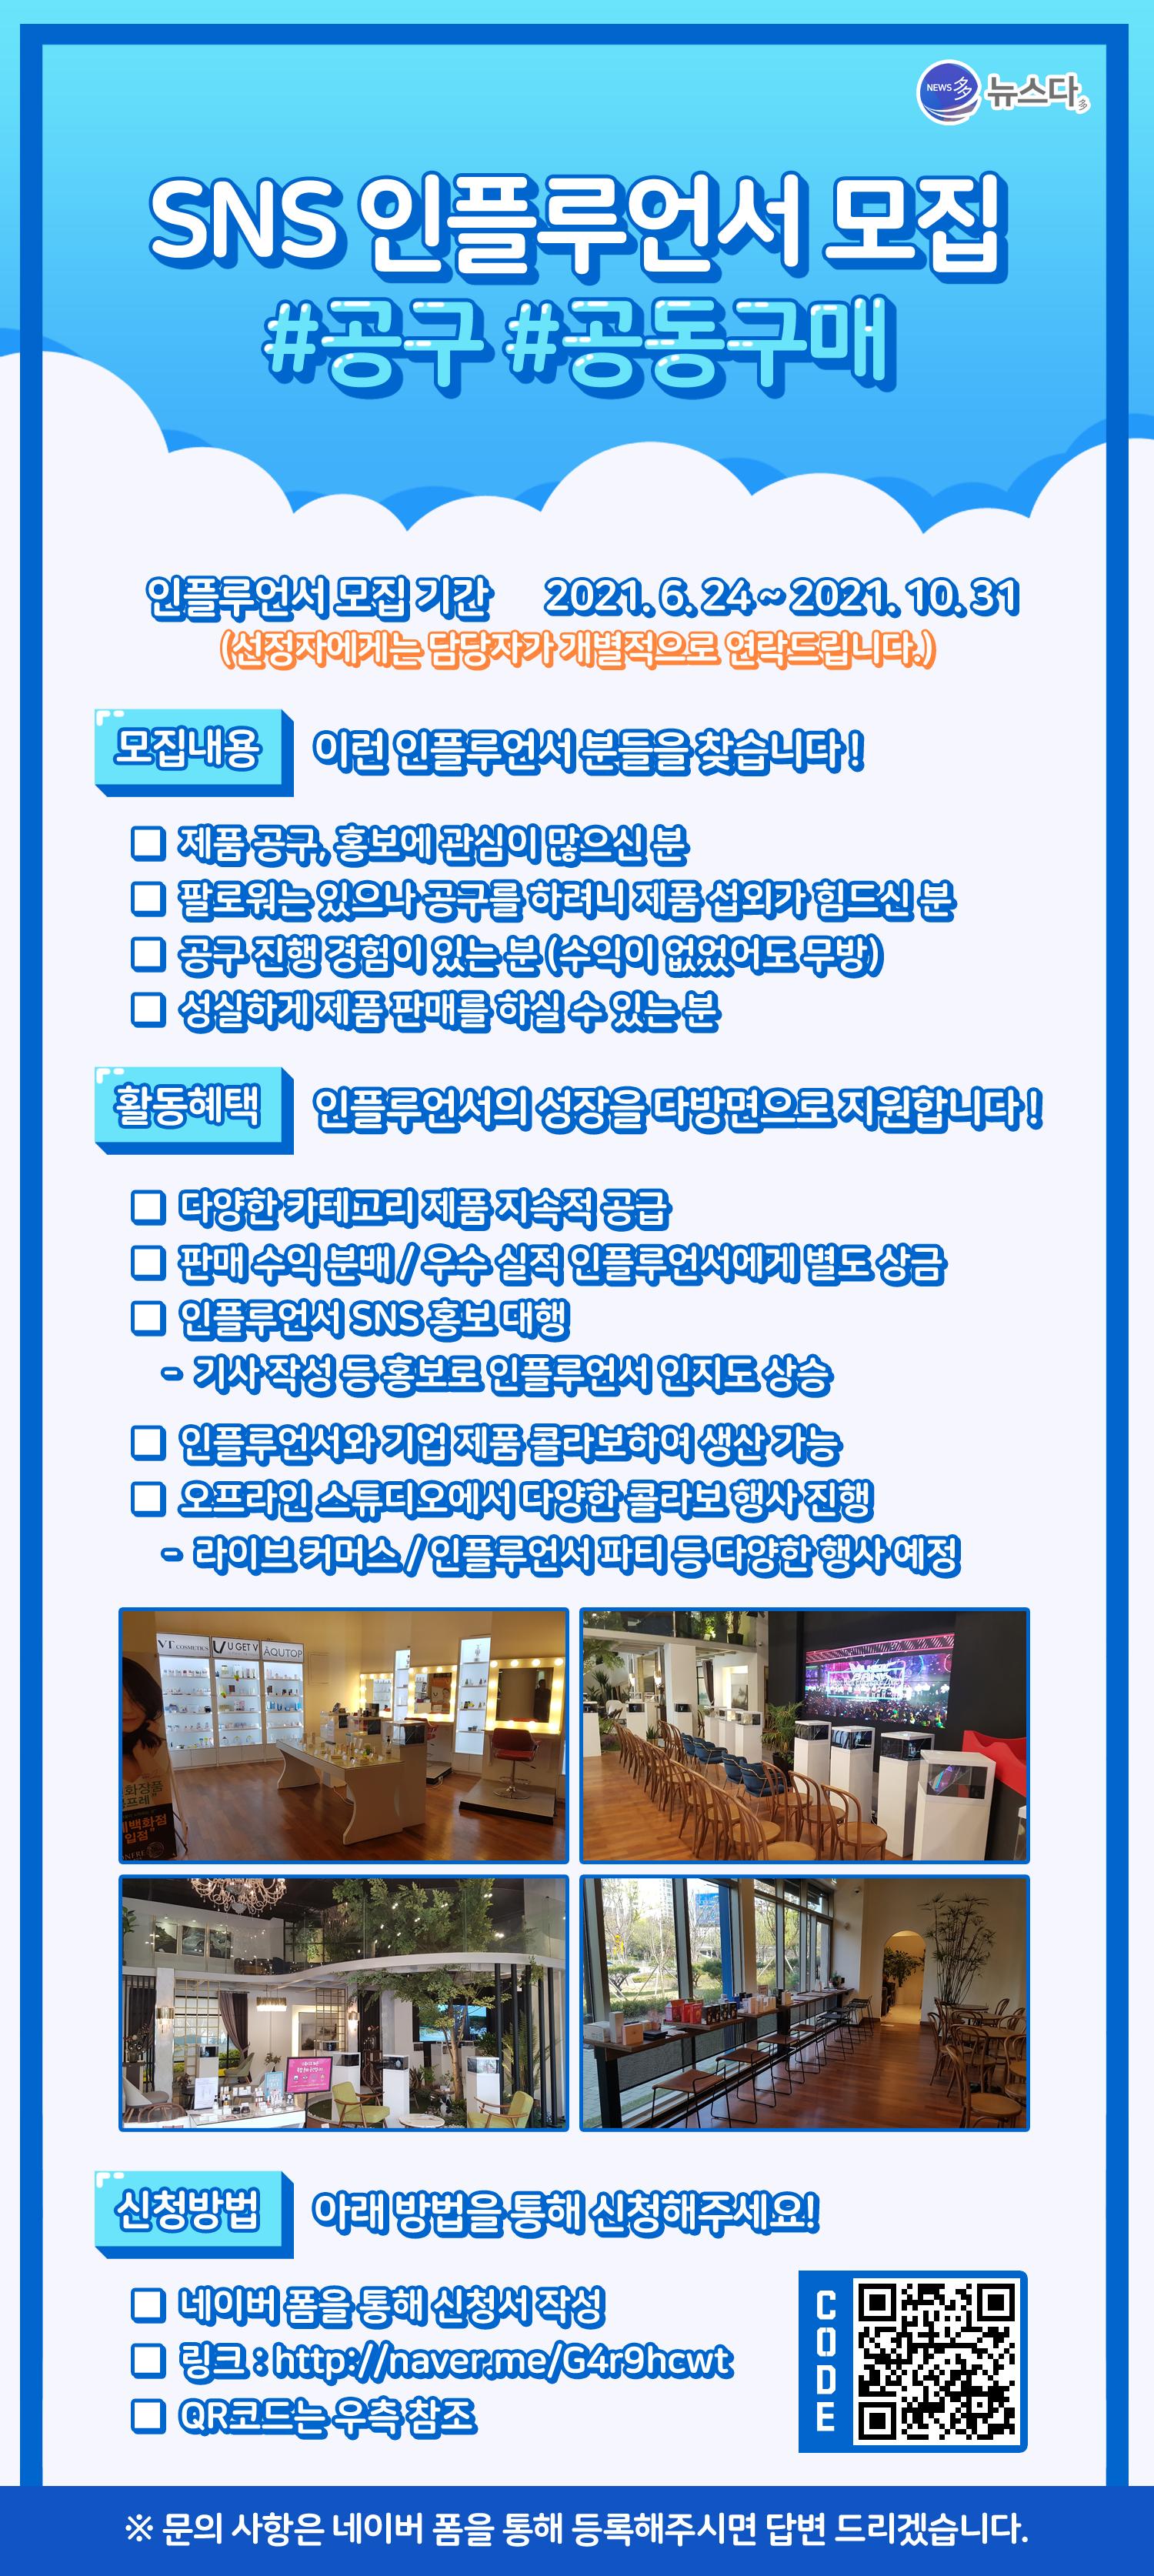 [뉴스다] SNS 공구 인플루언서 모집